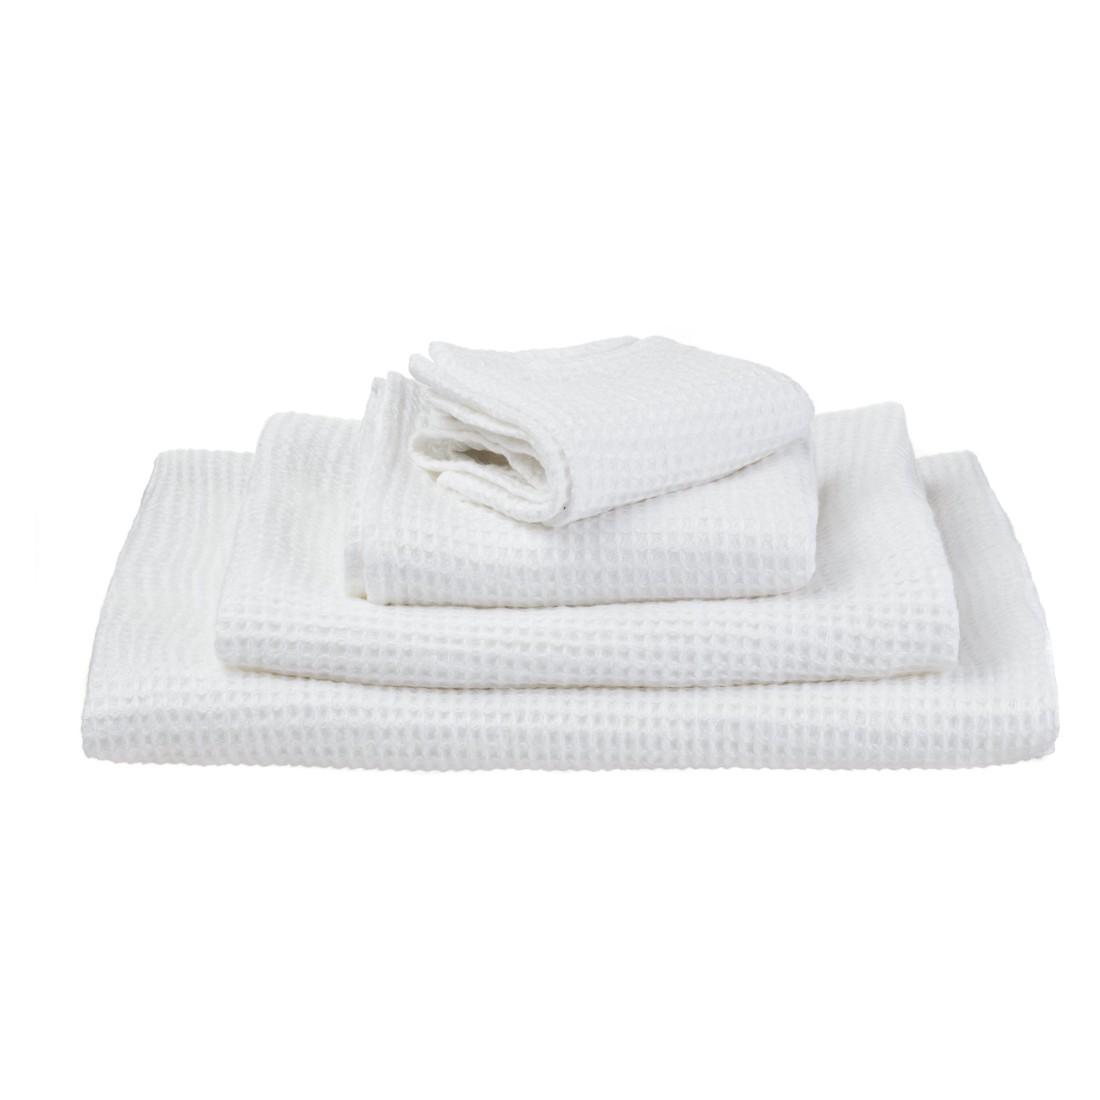 Handtuch Neris – Weiß – 50 x 70 cm Handtuch, Urbanara kaufen